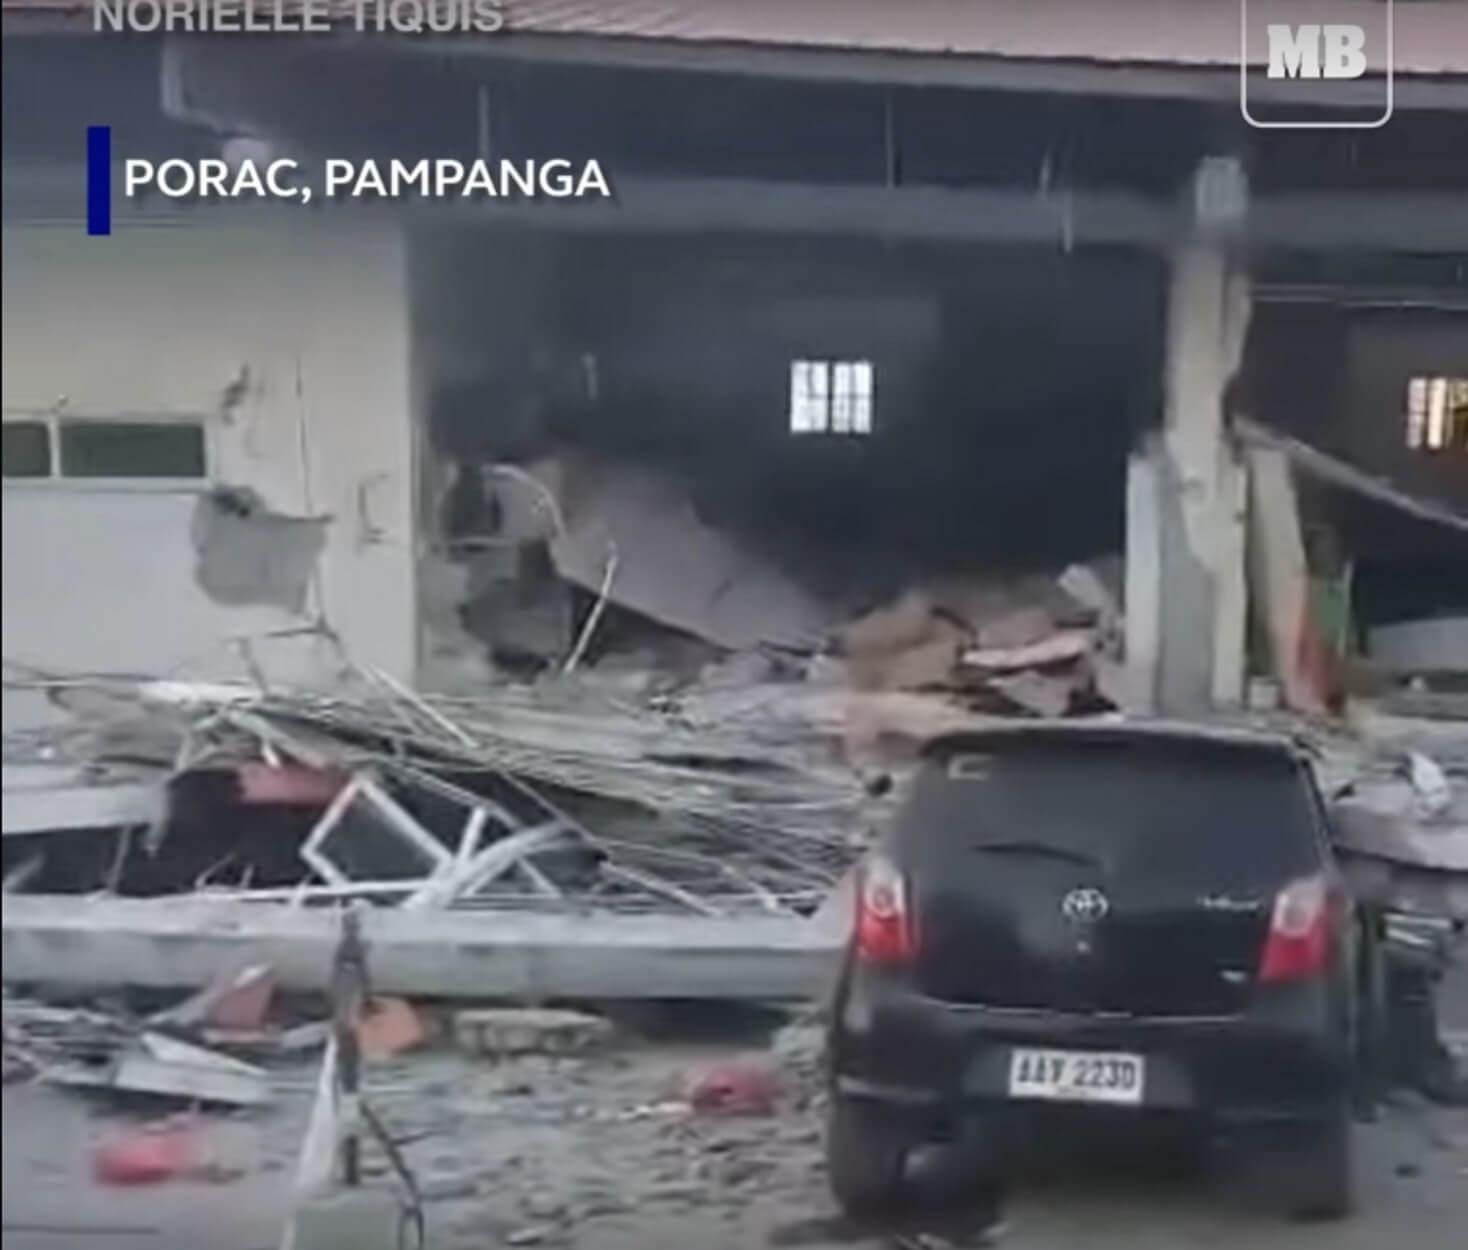 Φιλιππίνες: Δεκάδες παγιδευμένοι στα συντρίμμια κτιρίων που κατέρρευσαν από τα φονικά Ρίχτερ! video